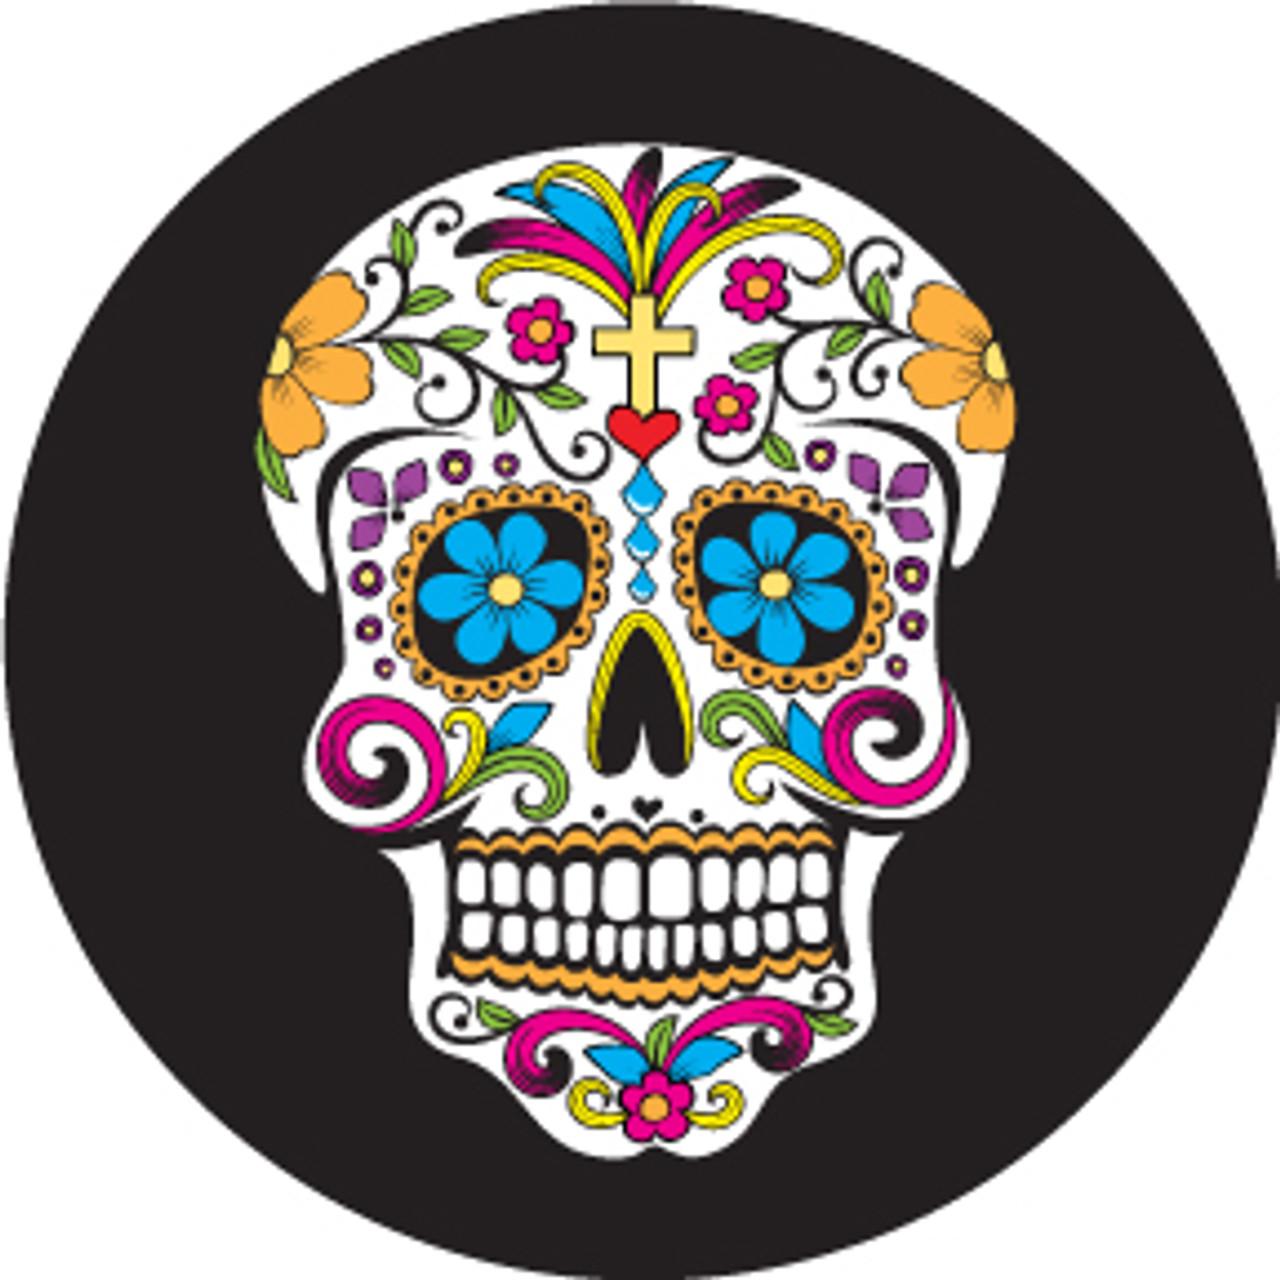 - Rosco 86717 Day Of The Dead Sugar Skull Multi-Color Glass Pattern